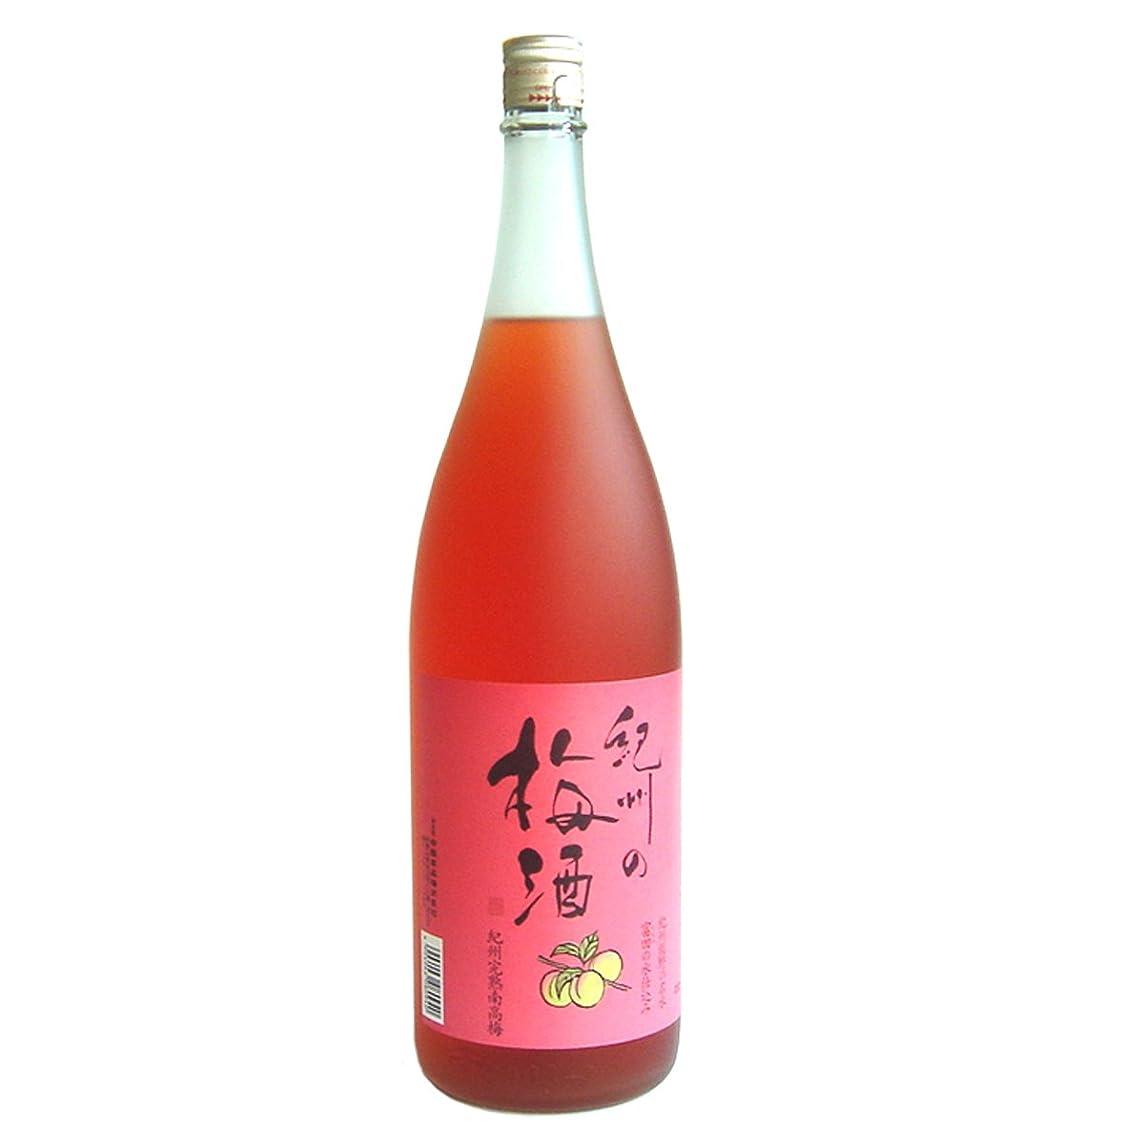 寸法ひどいタイト中田食品 紀州の梅酒 赤 [ 1800ml ]